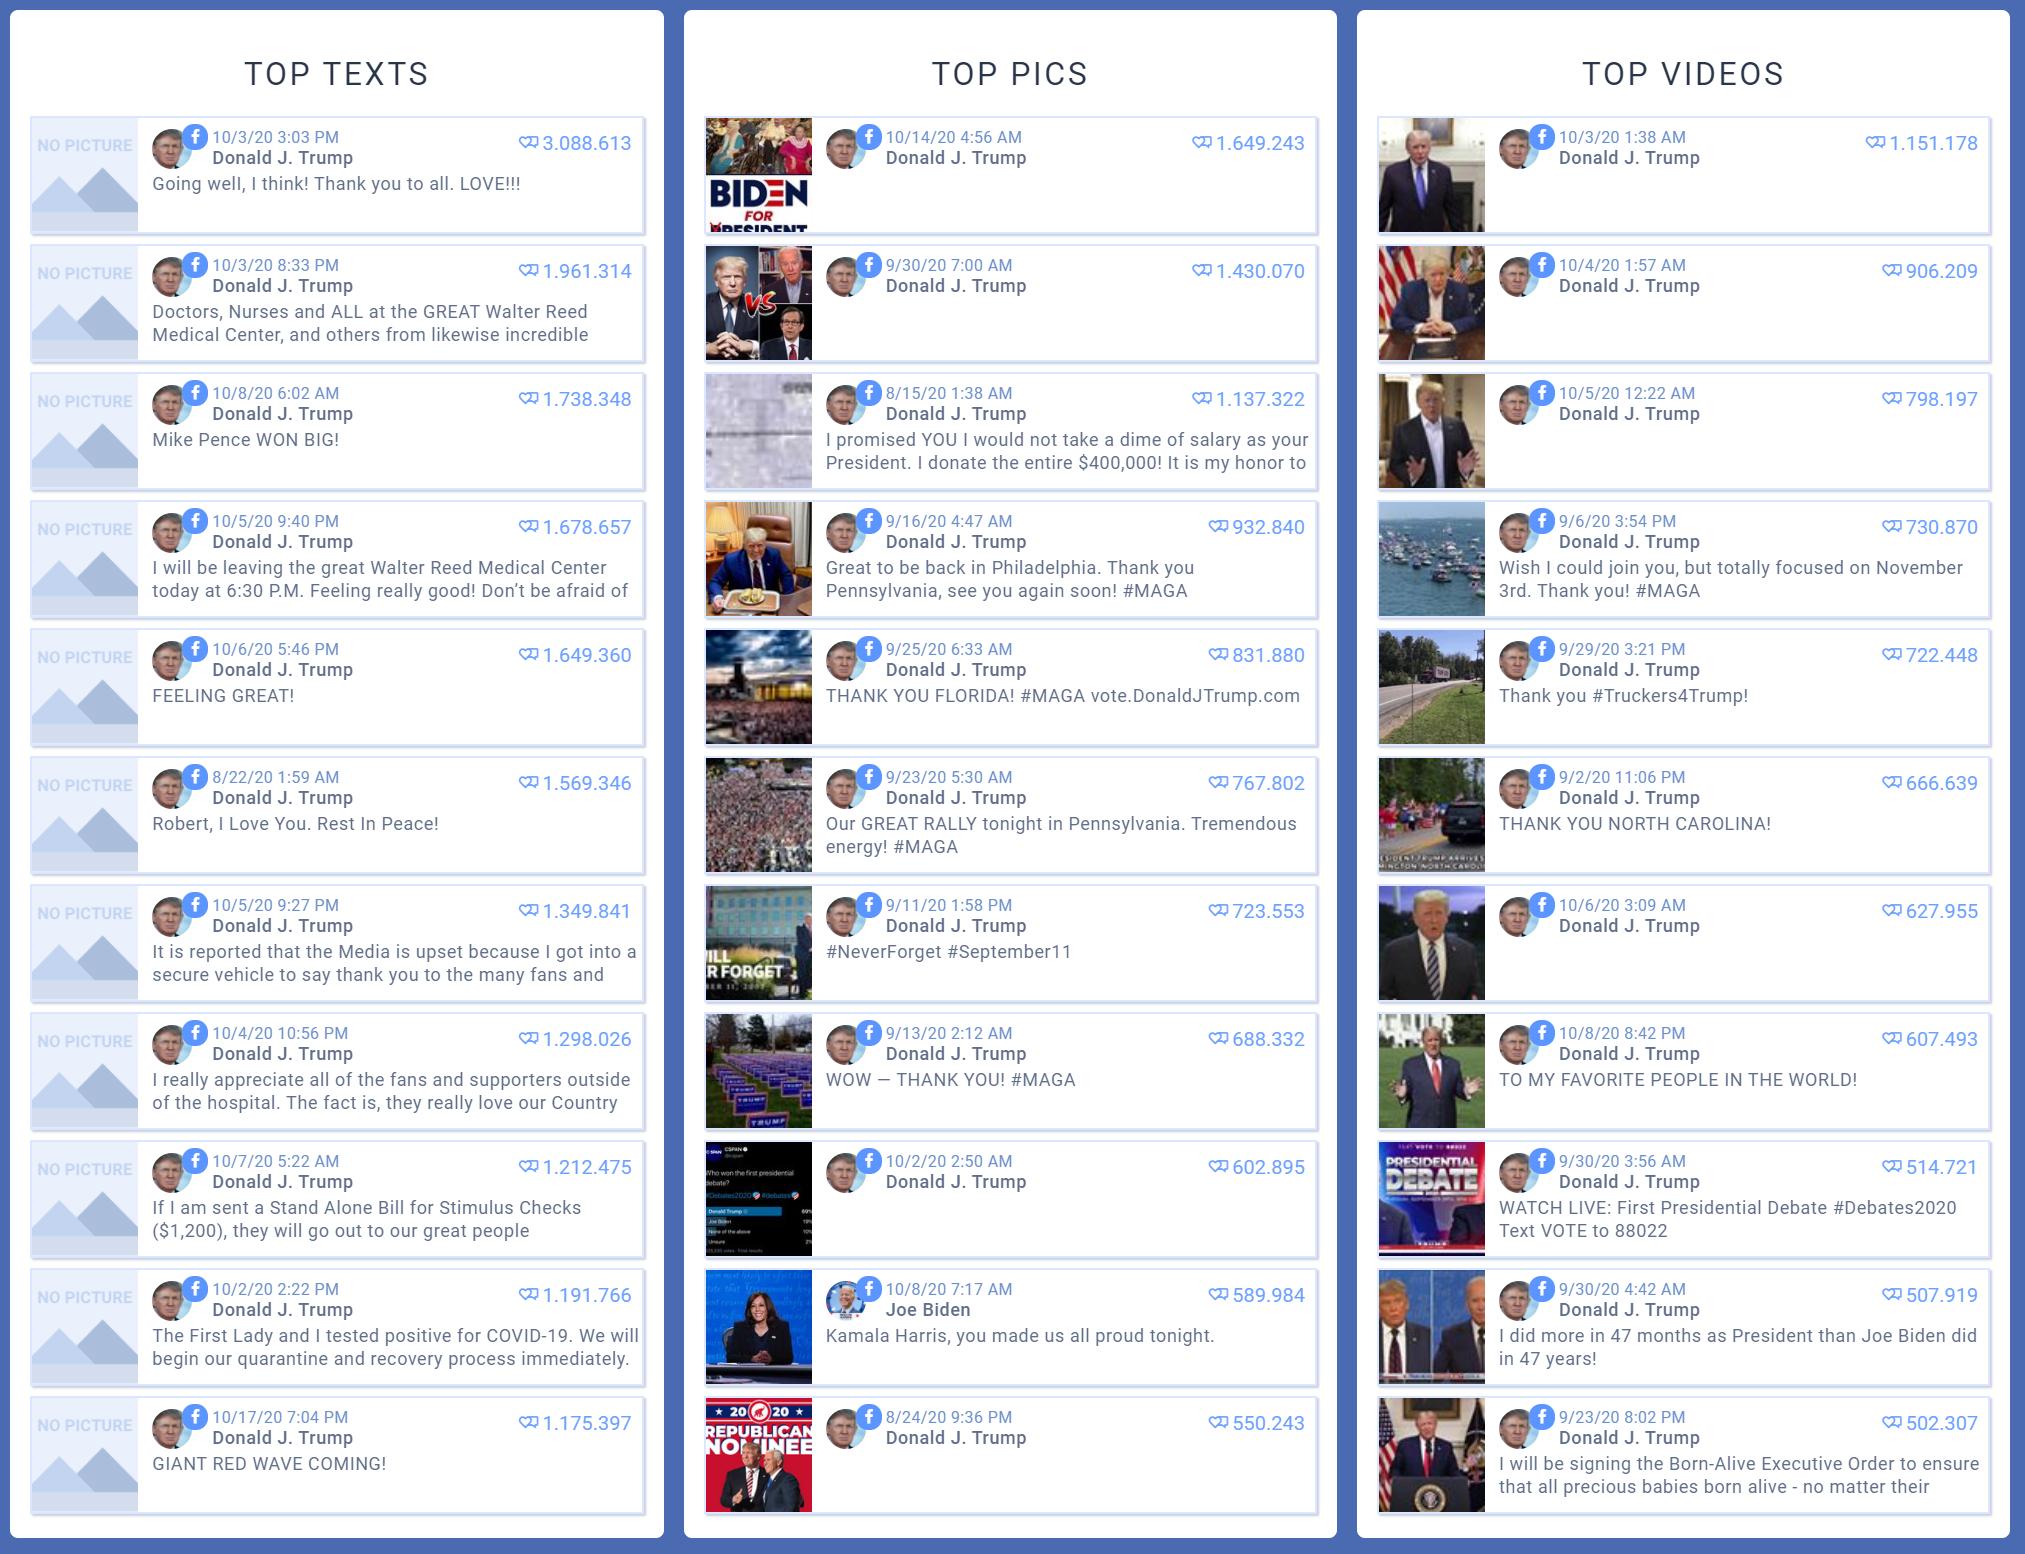 בחירות ארהב 2020 פייסבוק (8)